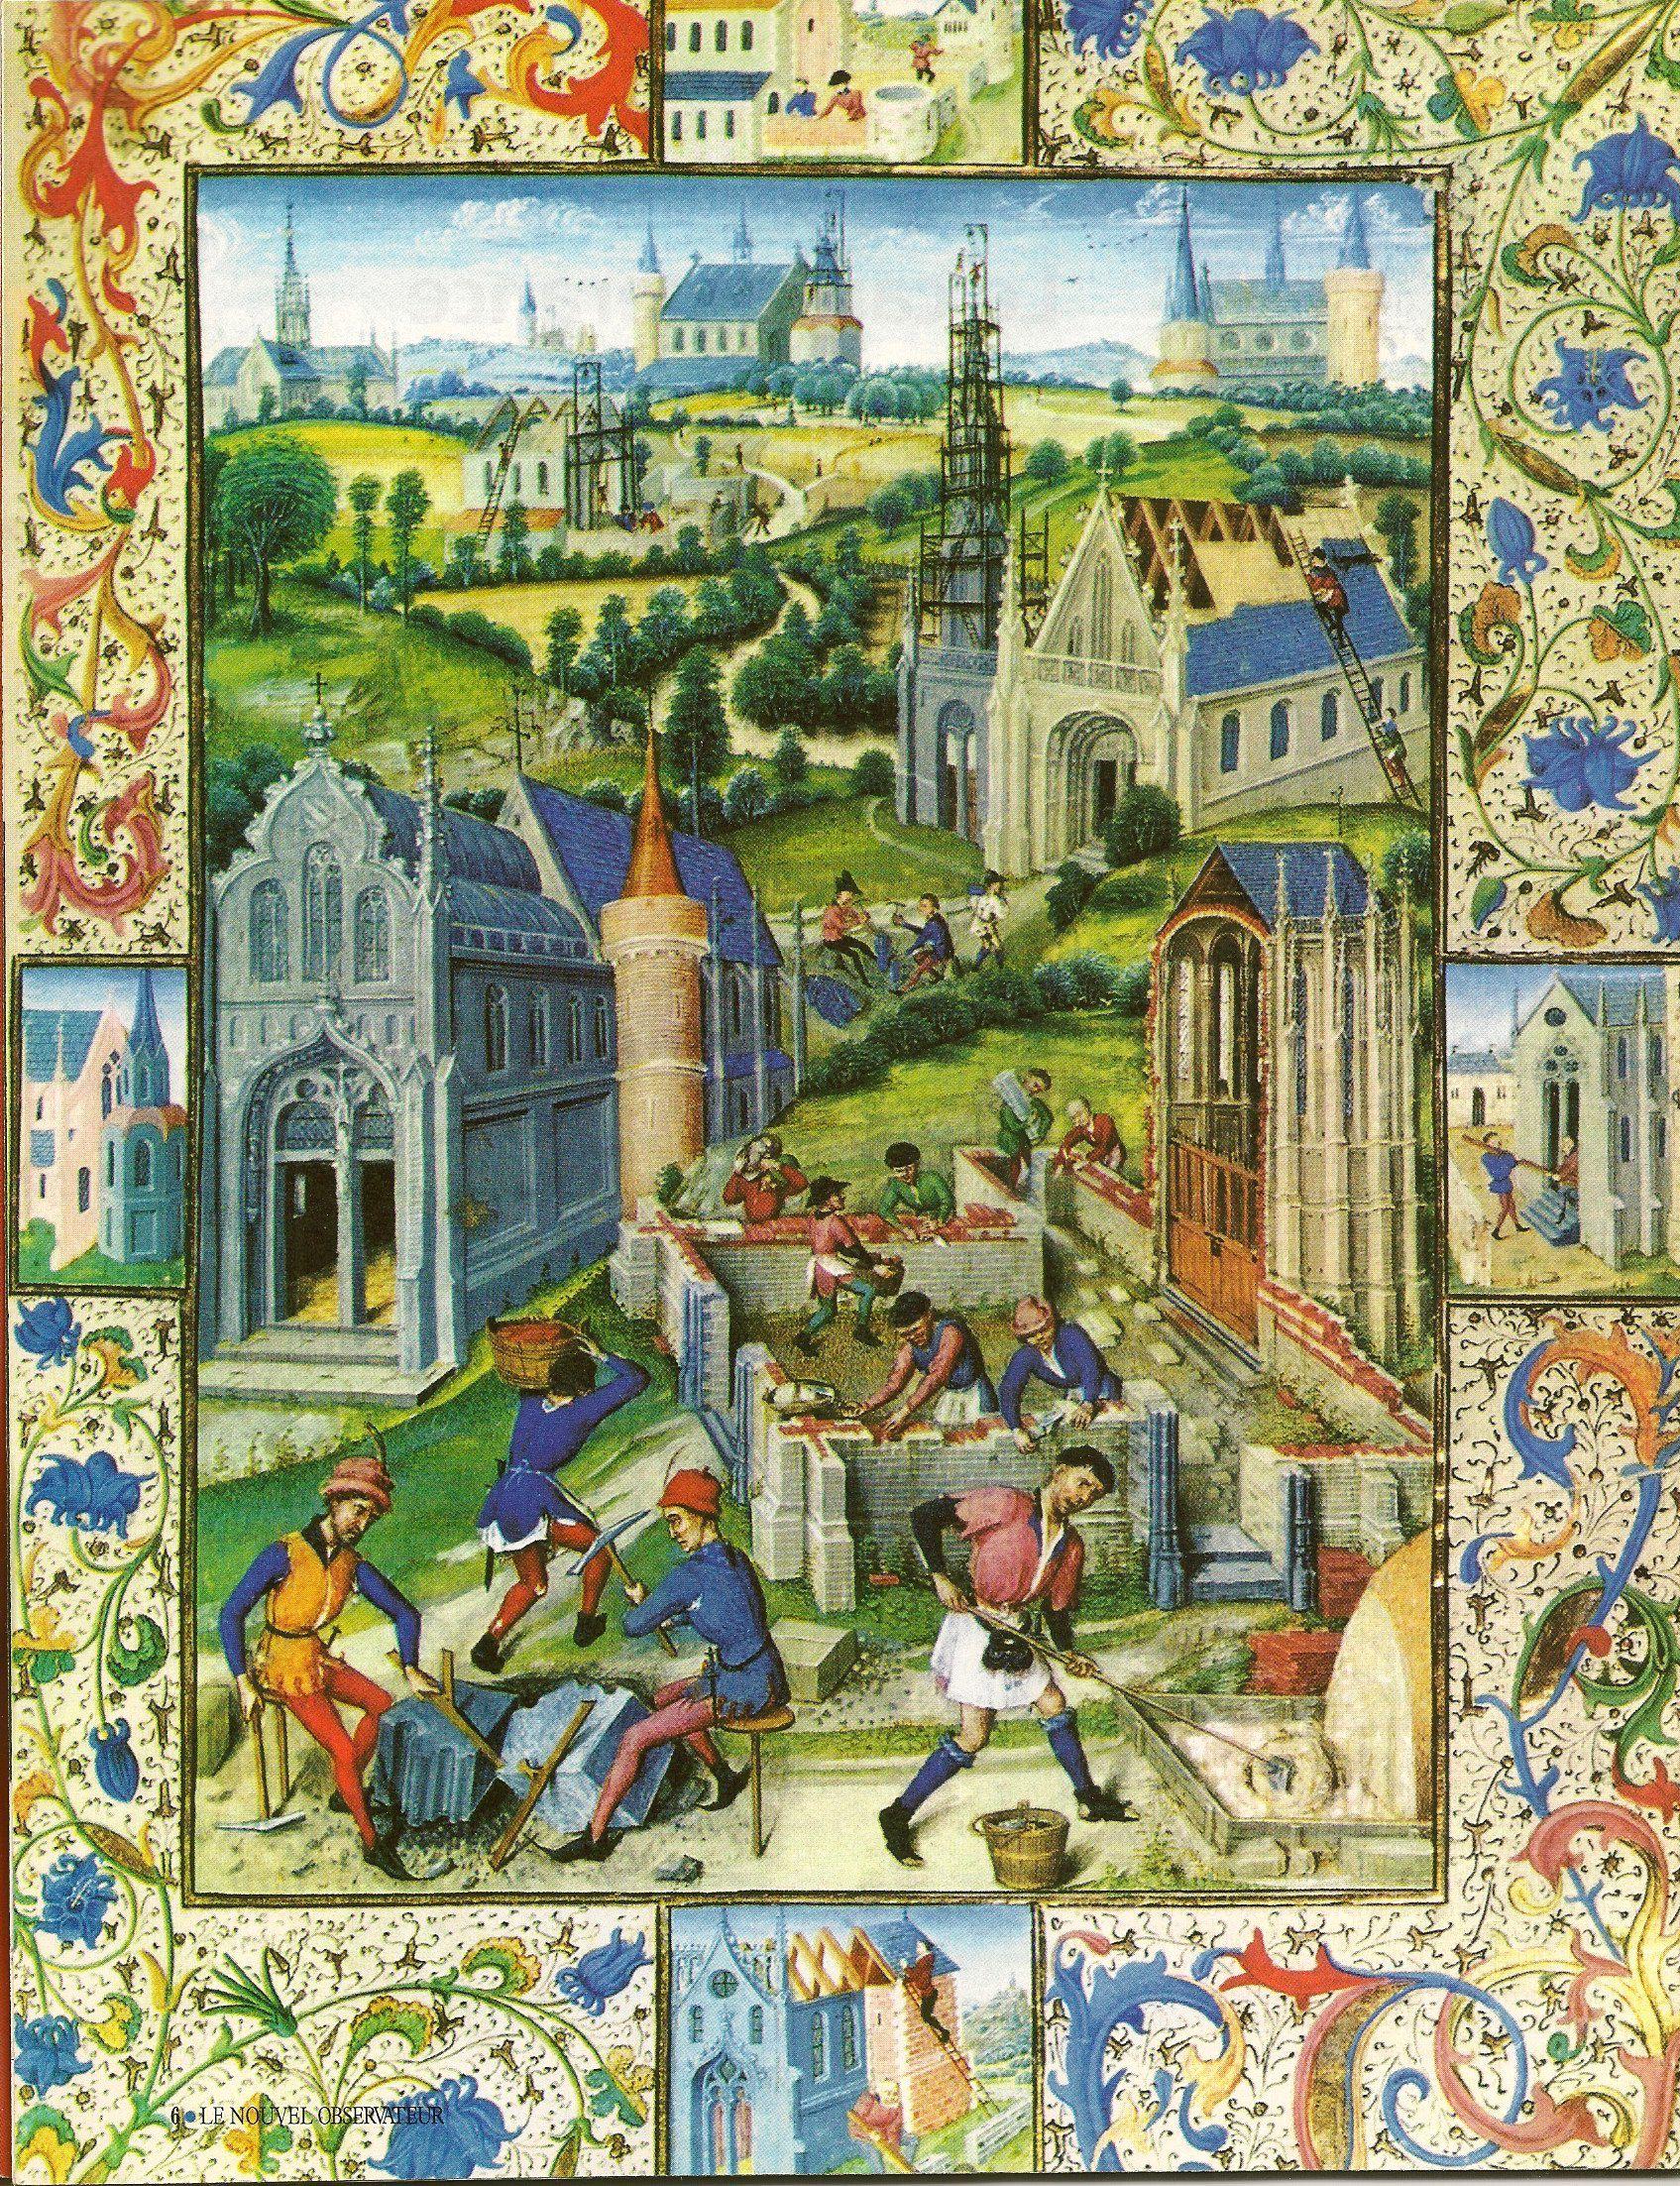 Miniature du XIIIe siecle representant la construction d'une eglise a  Saint-Denis | Enluminure moyen age, Artisanats médiévaux, Moyen age